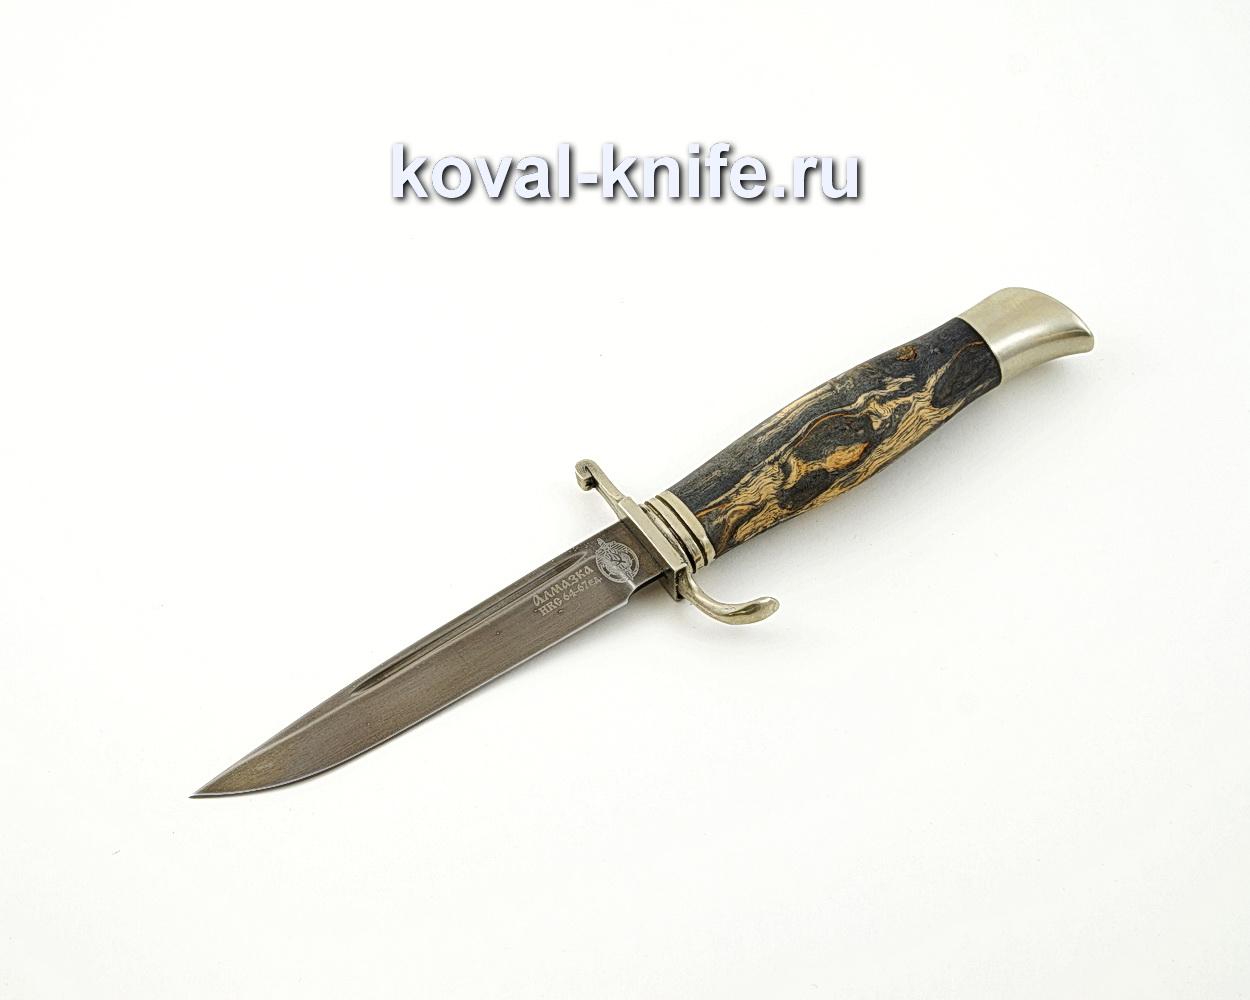 Нож Финка НКВД из алмазной стали ХВ5 с рукоятью из стабилизированной карельской березы, литье мельхиор A587